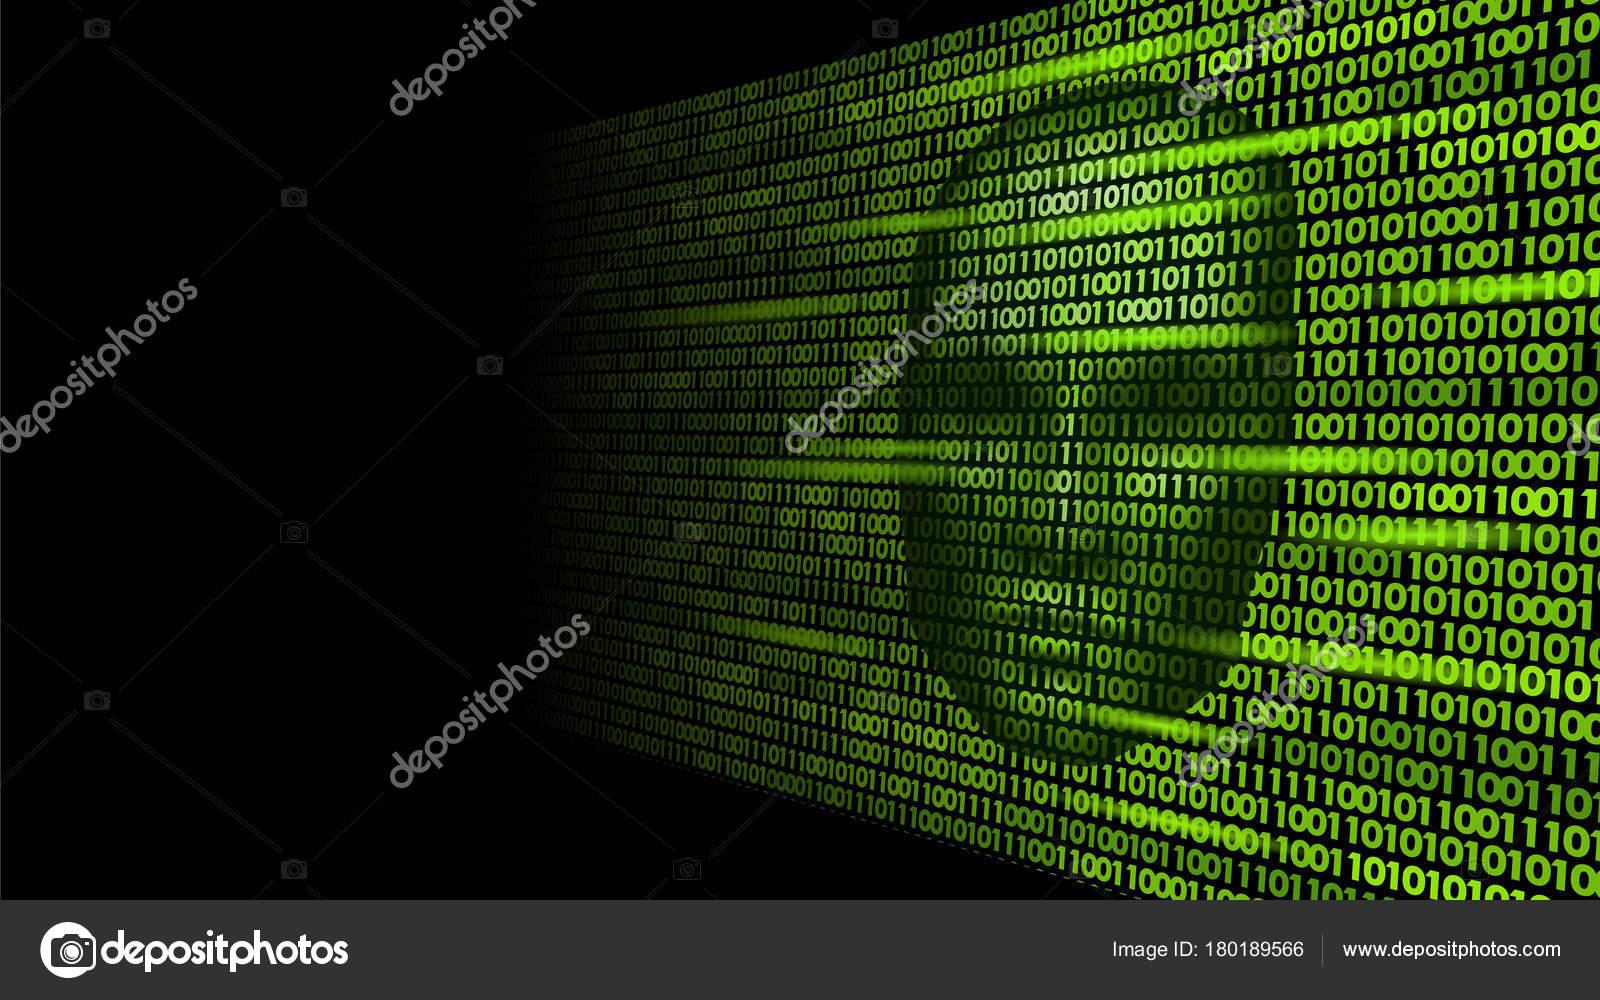 Cara escura da hacker inteligncia artificial rob perigo ciborgue cara escura da hacker inteligncia artificial rob perigo ciborgue cdigo binrio cabea sombra hack on line dados pessoais alerta intelecto mente virtual ccuart Choice Image